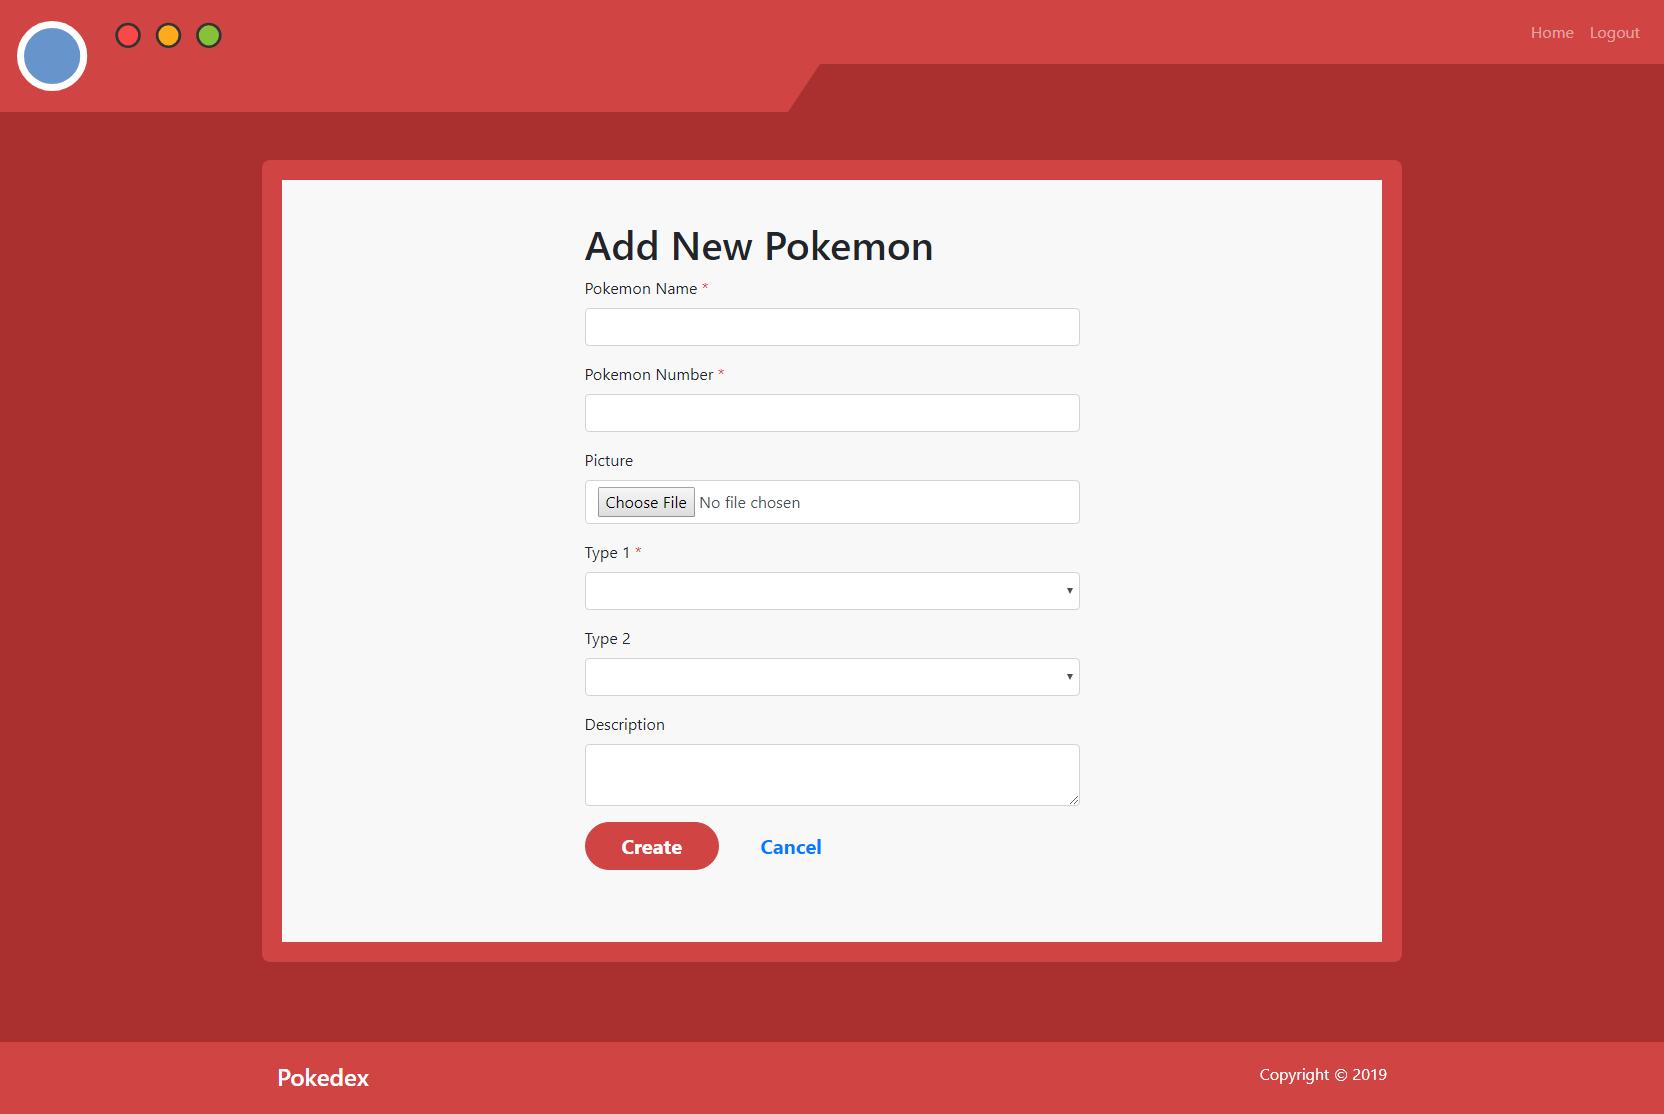 pokedex_add-pokemon